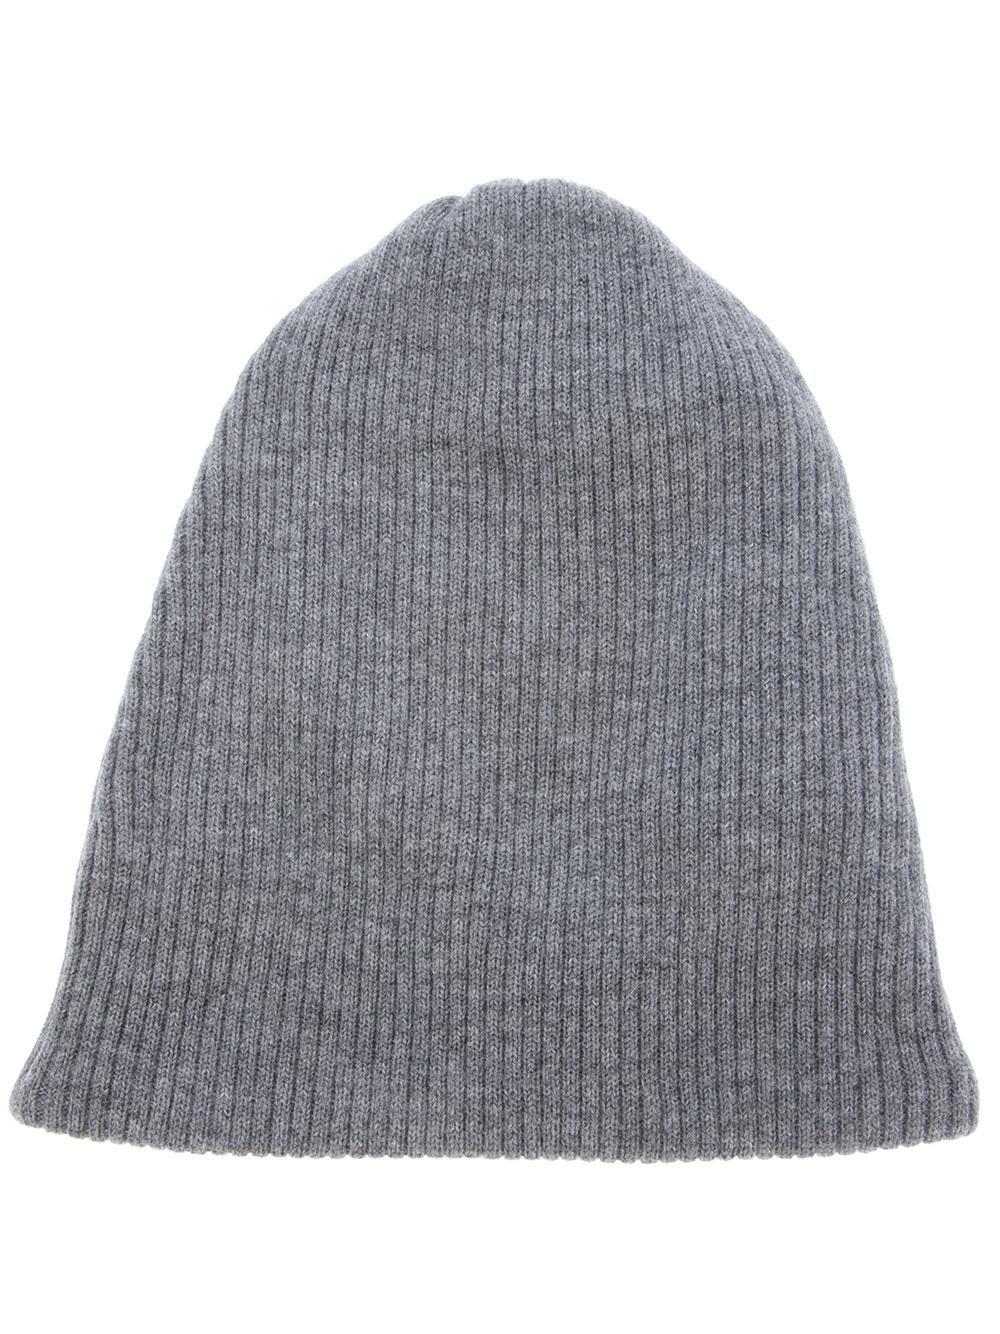 a83dd420ef33 Lyst - Acne Studios Spring Merino Beanie Hat in Gray